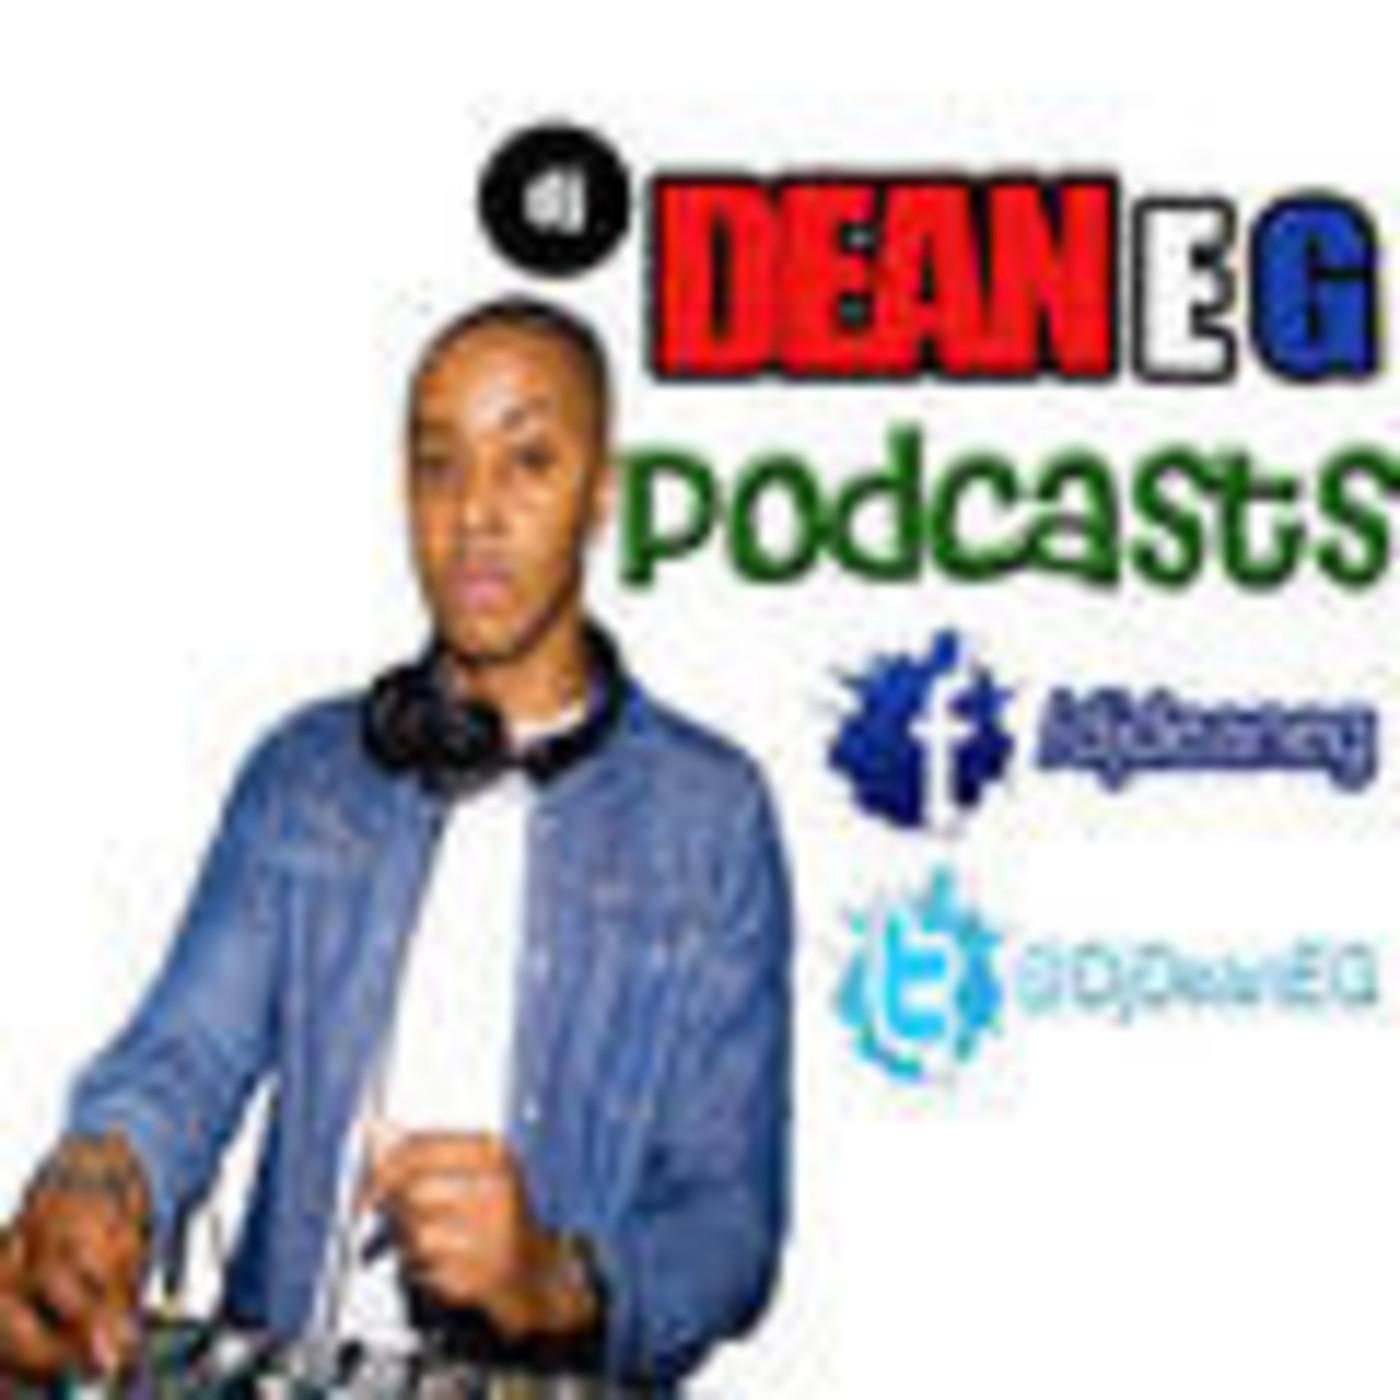 Dean-E-G